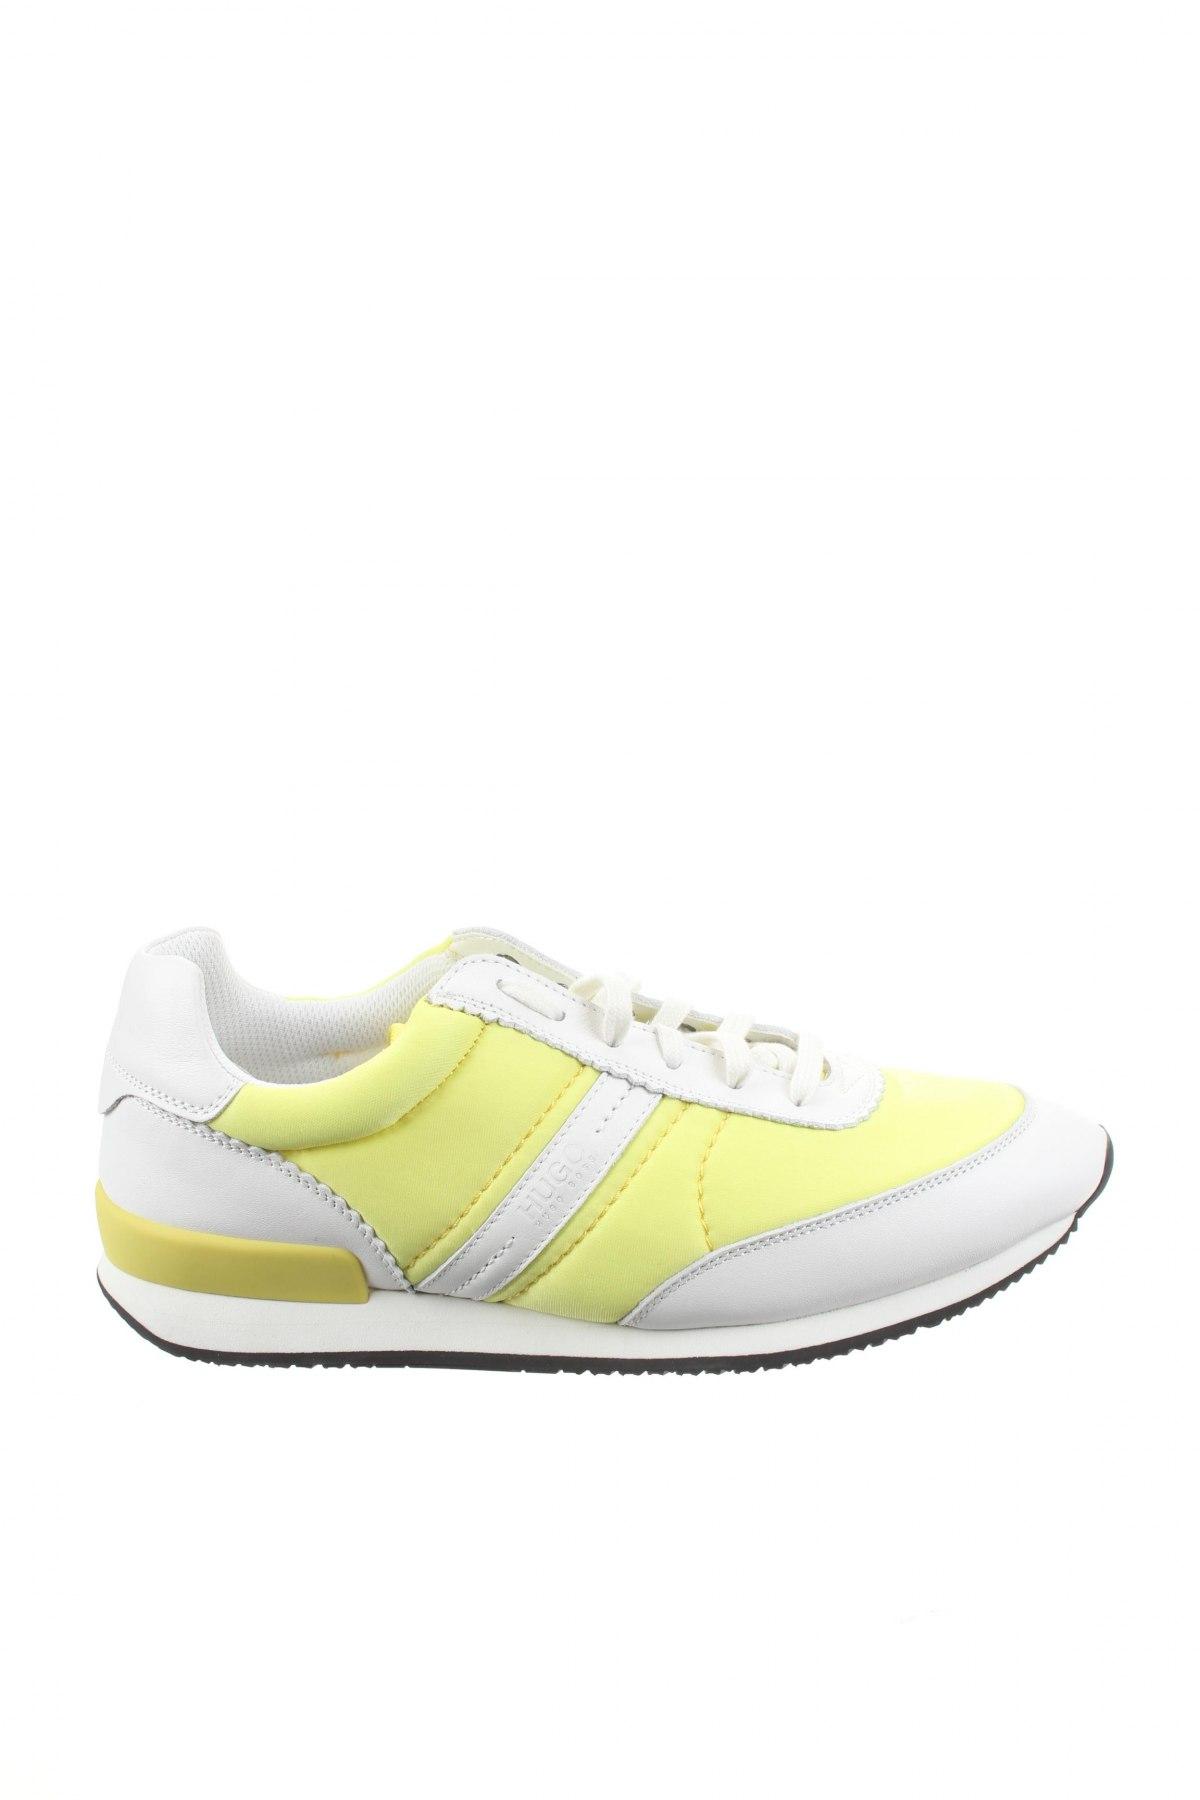 62c8032e99 Dámske topánky Hugo Boss - za výhodnú cenu na Remix -  103538856